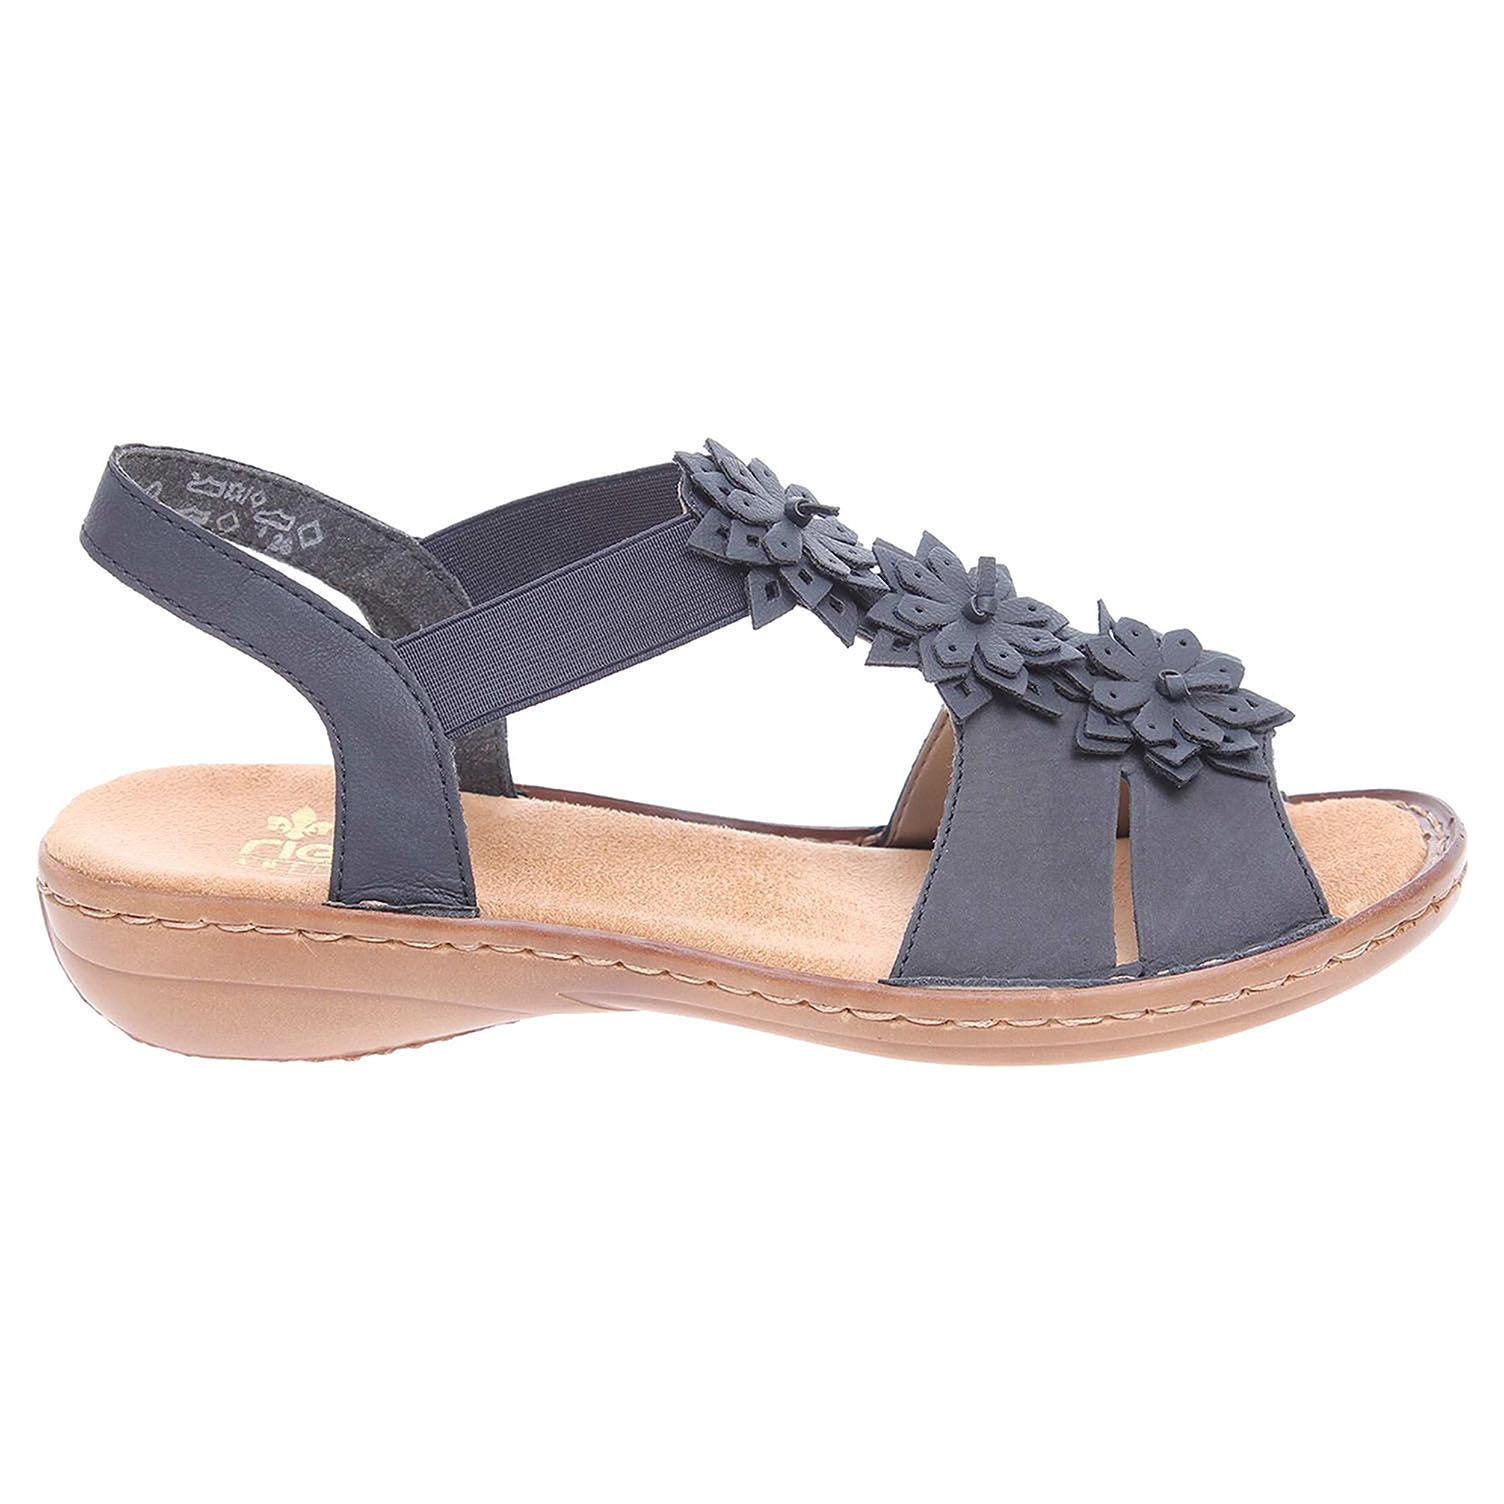 Rieker dámské sandály 608S5-14 modré 37 modrá modrá